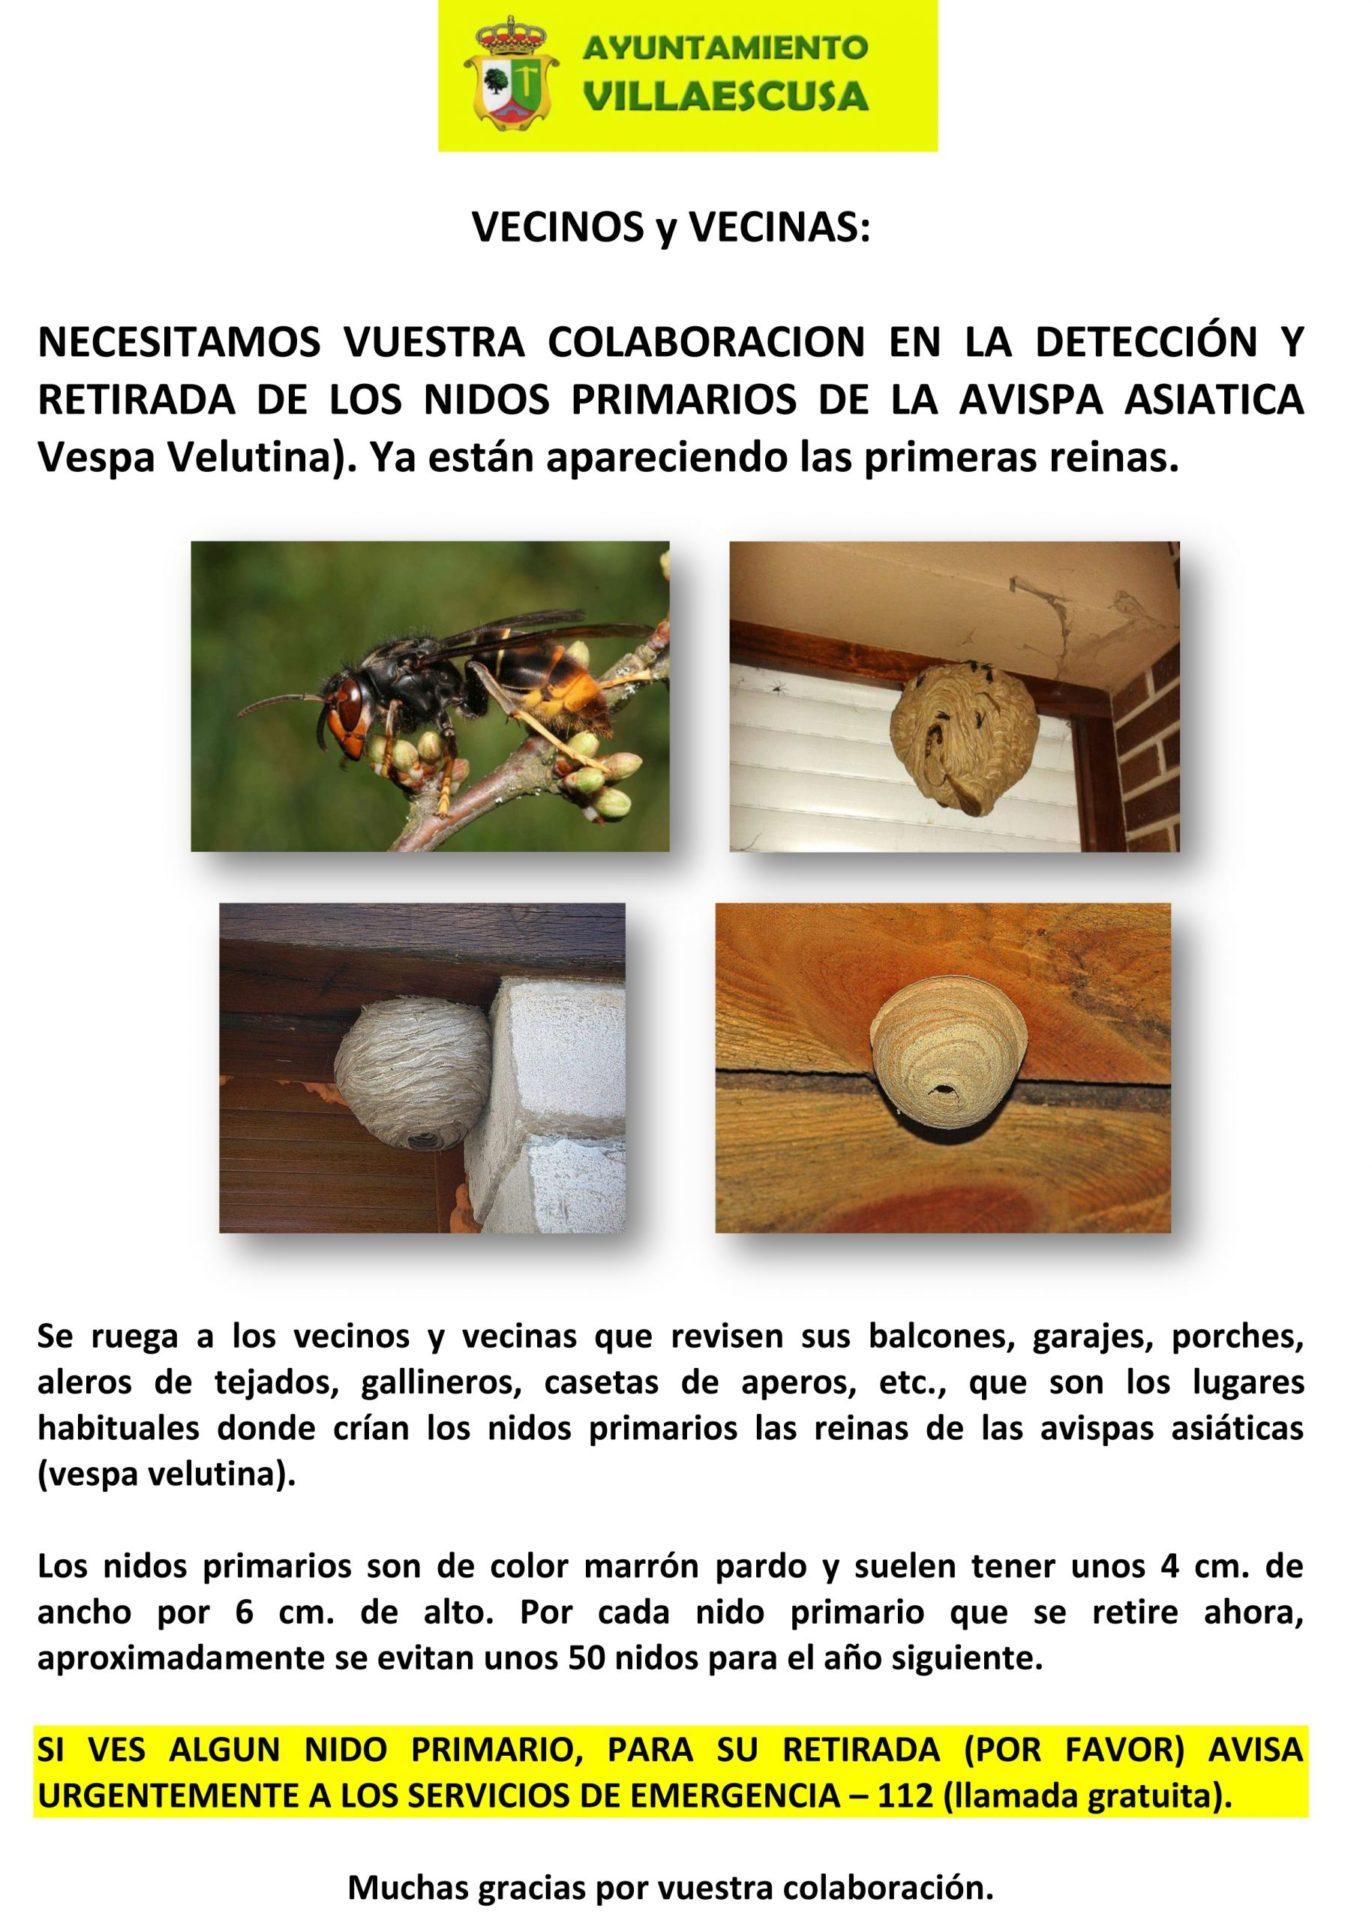 Cartel retirada de nidos de avispa